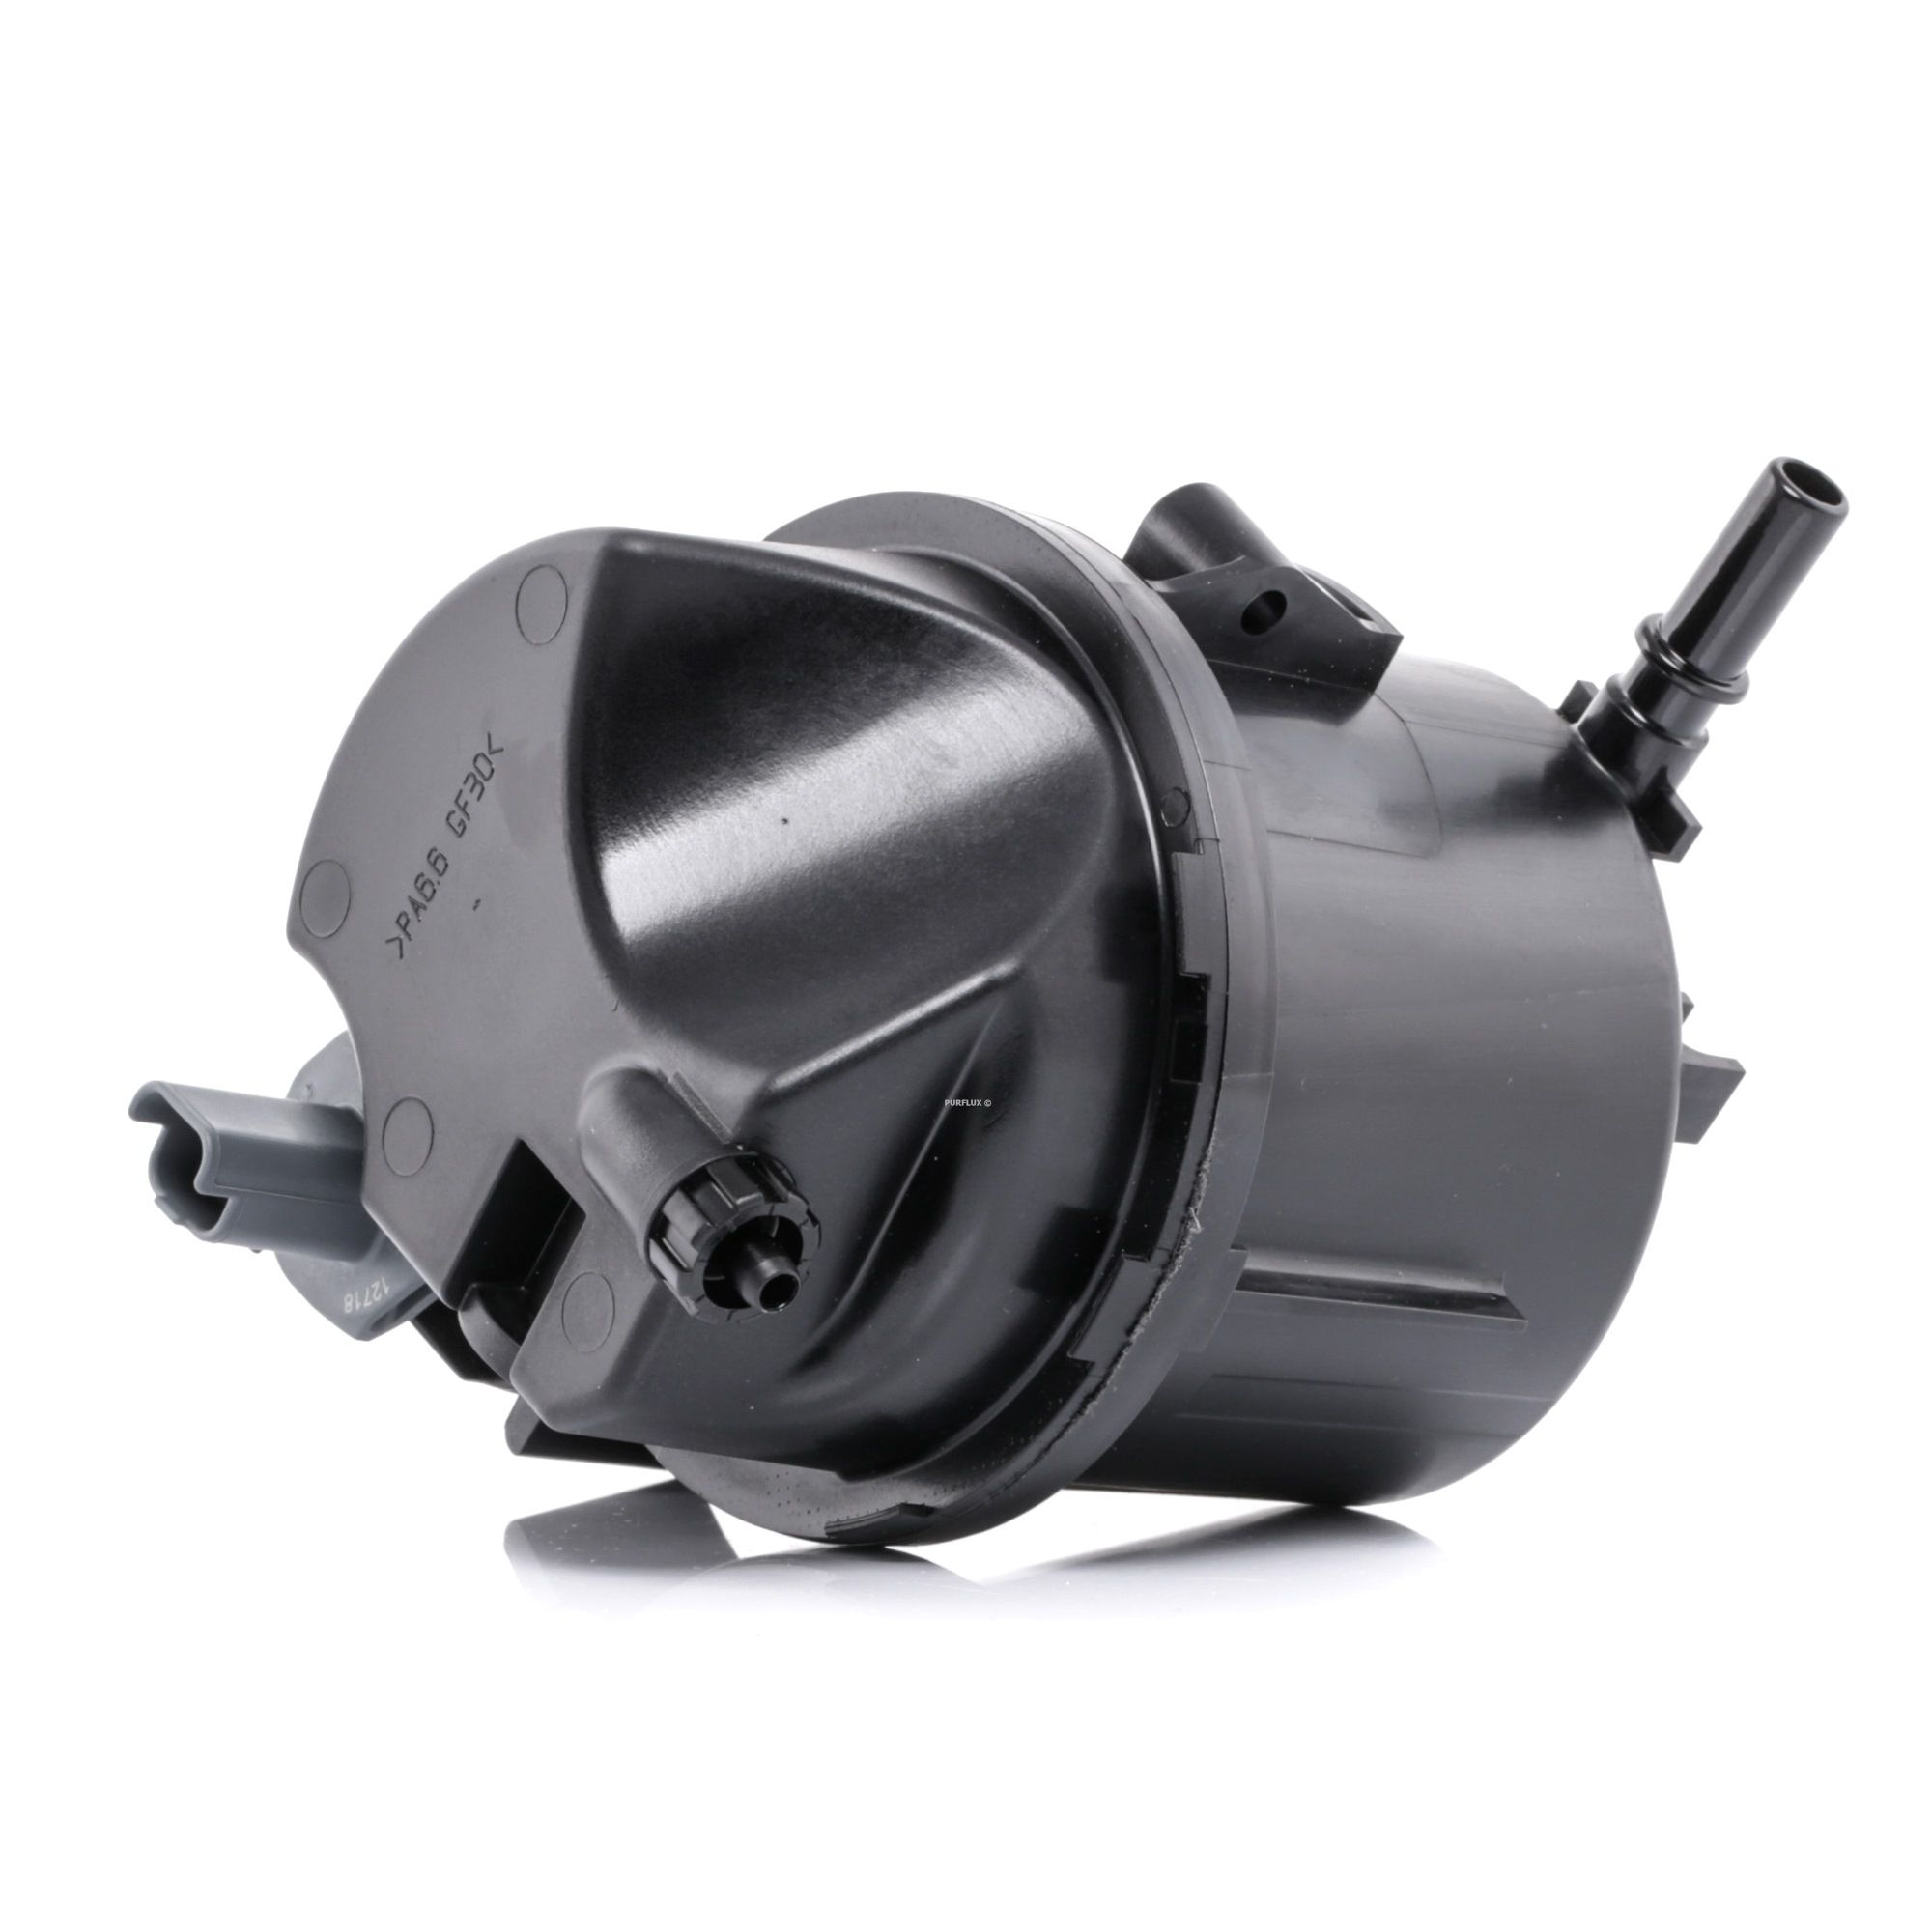 Filtre à carburant PURFLUX FCS704 - comparez les prix, et économisez!